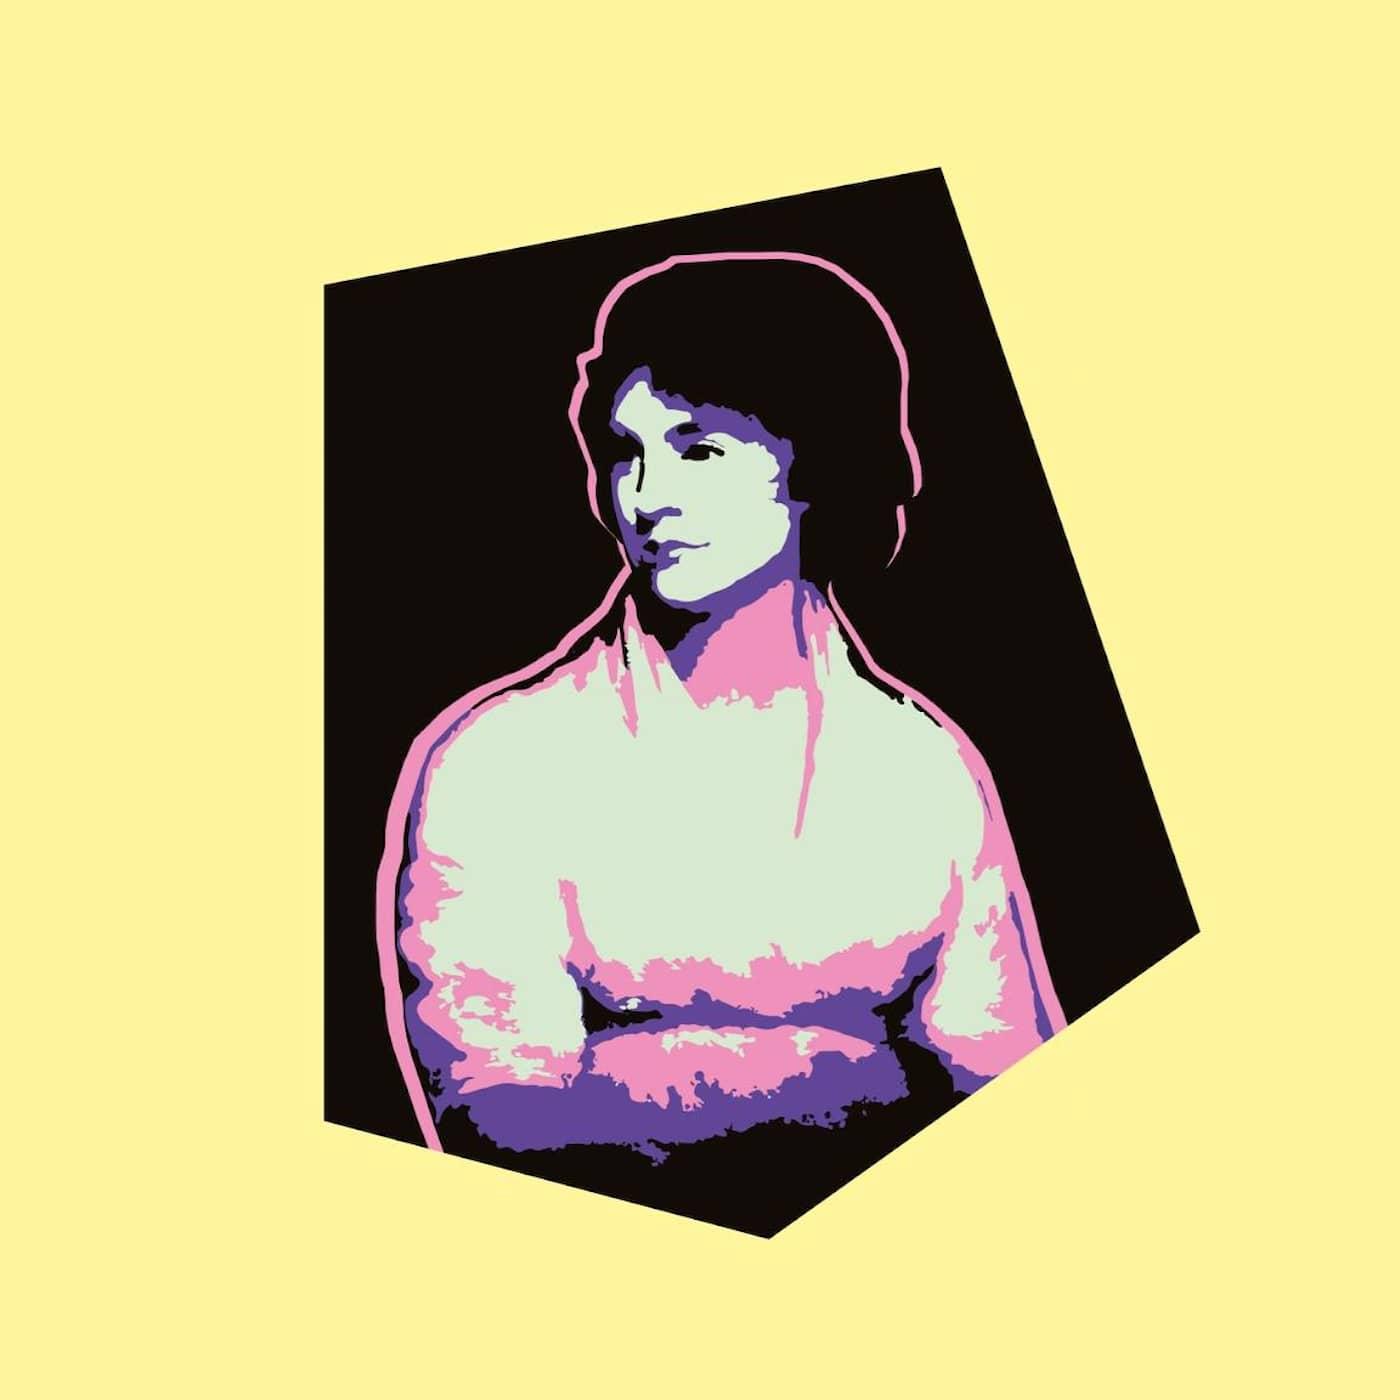 Mary Wollstonecraft - framsynt filosof och feministisk föregångare